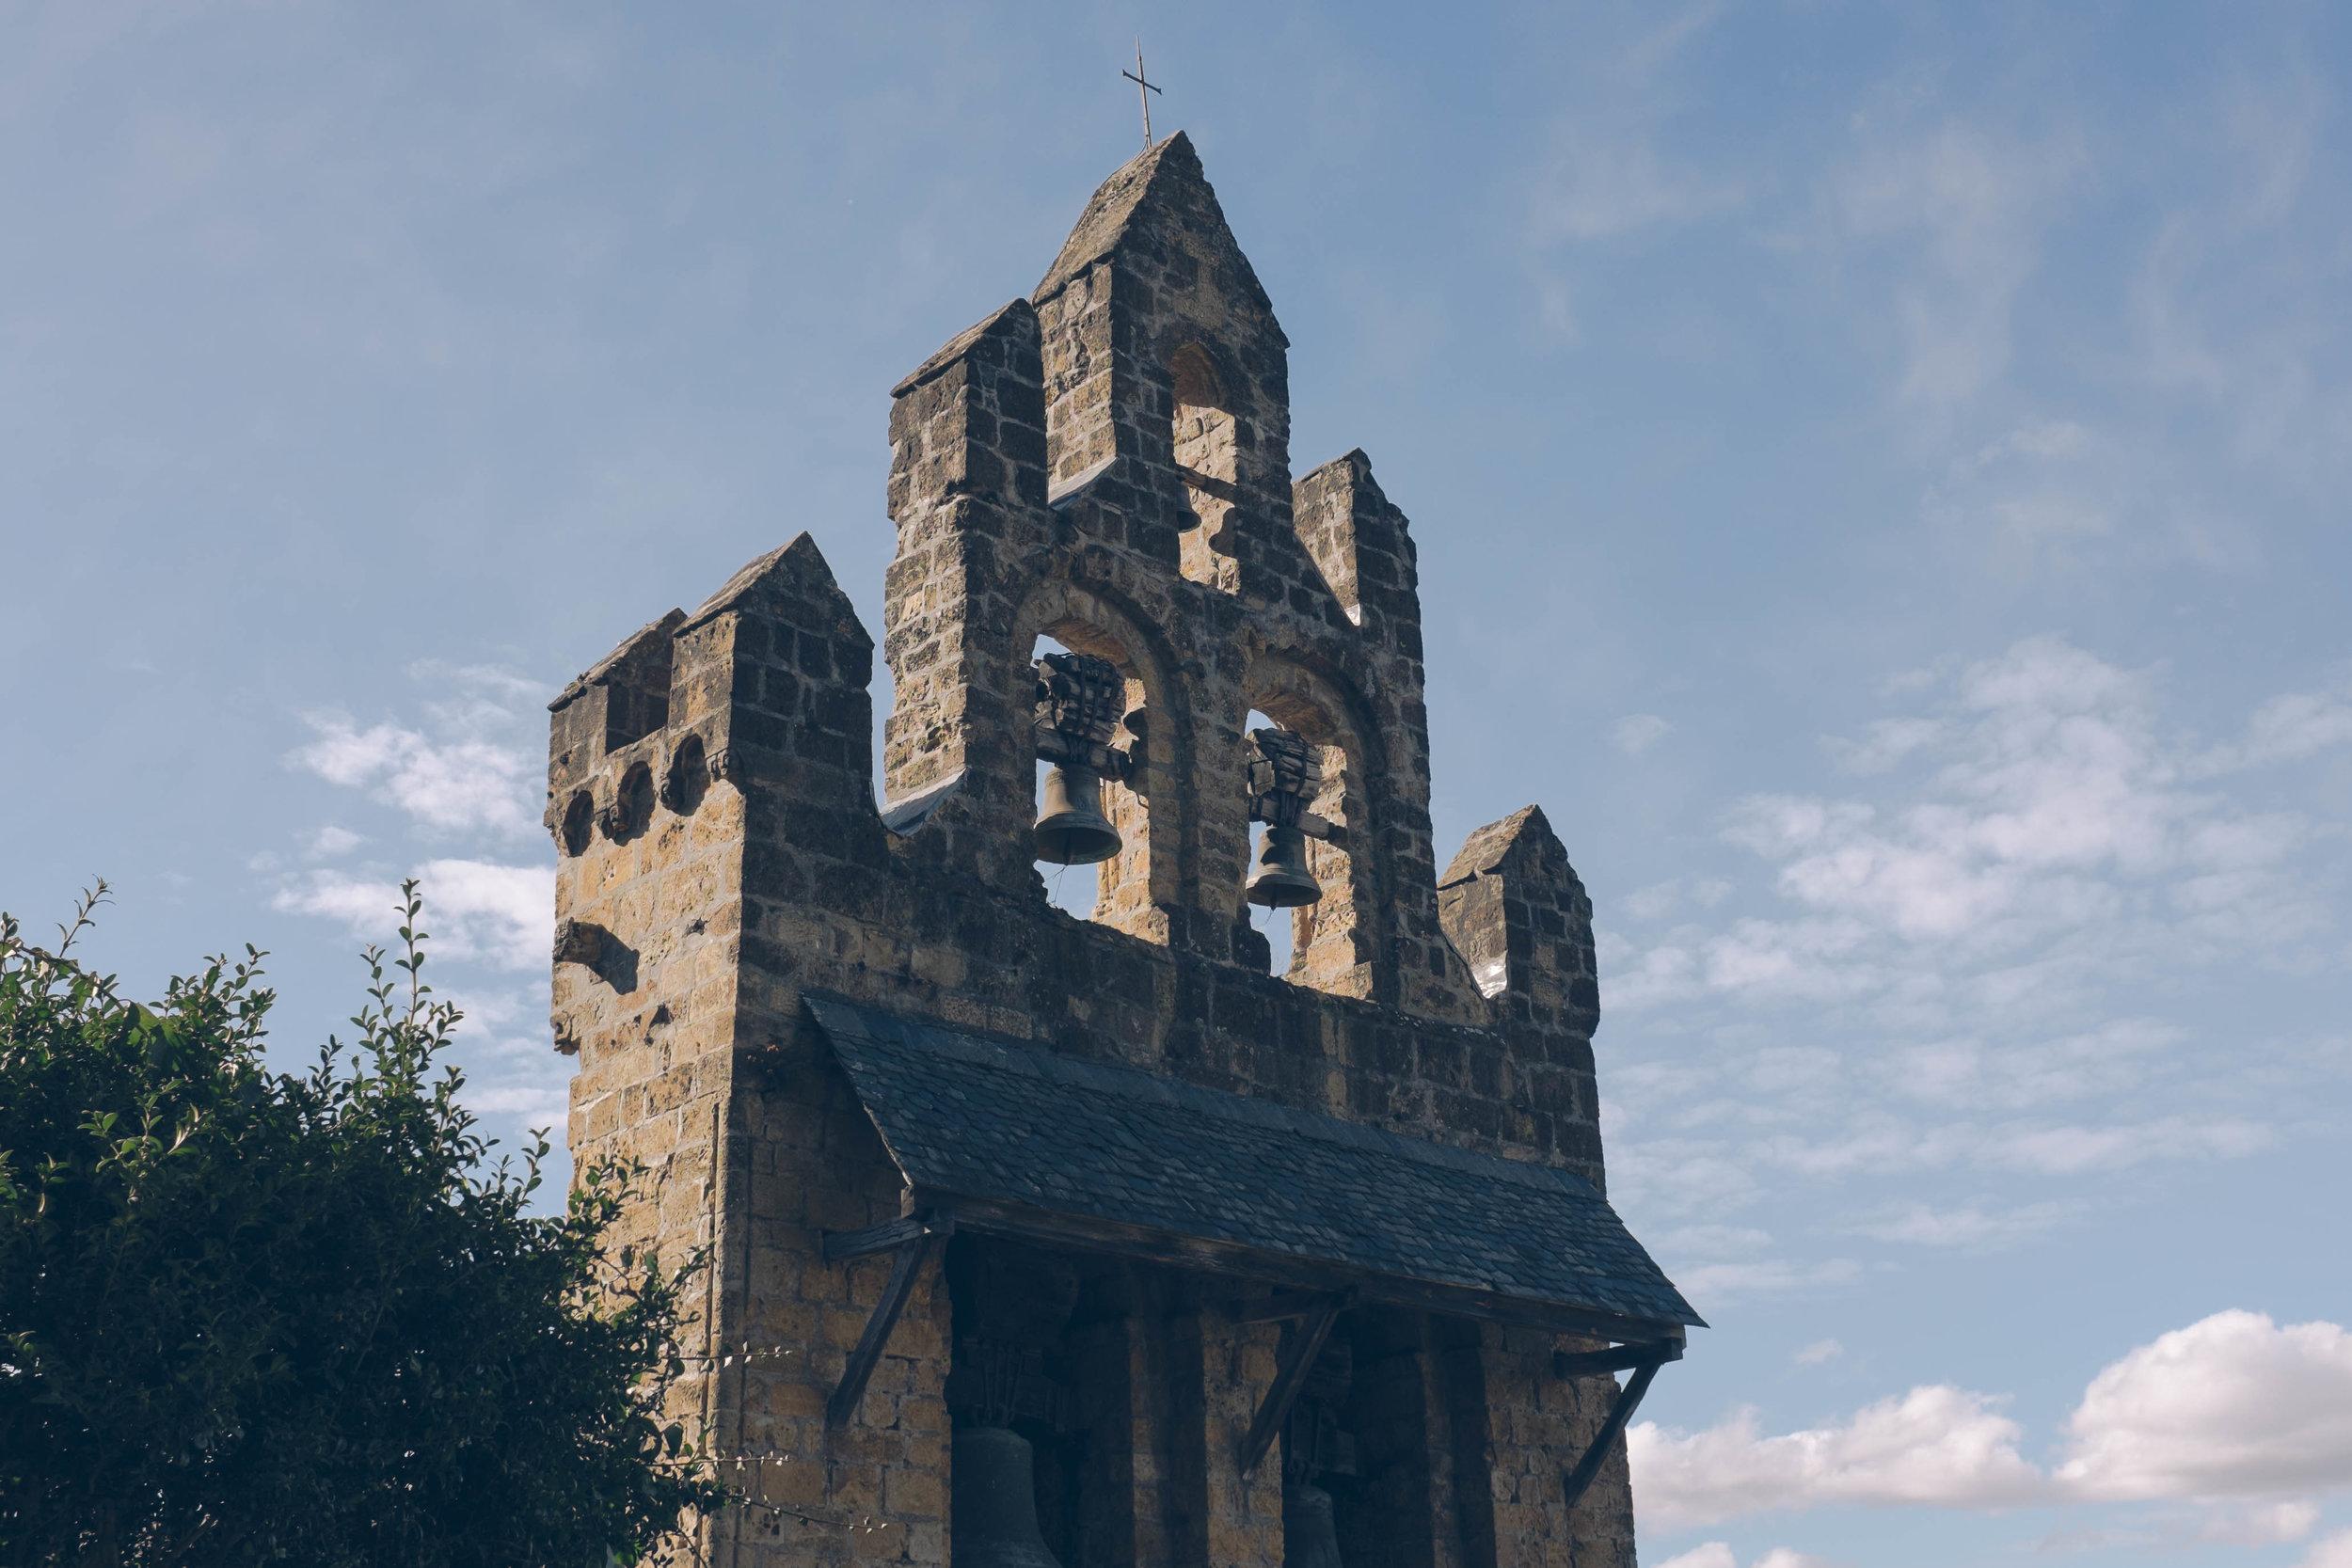 Church along the walk to castillon-en-couserans